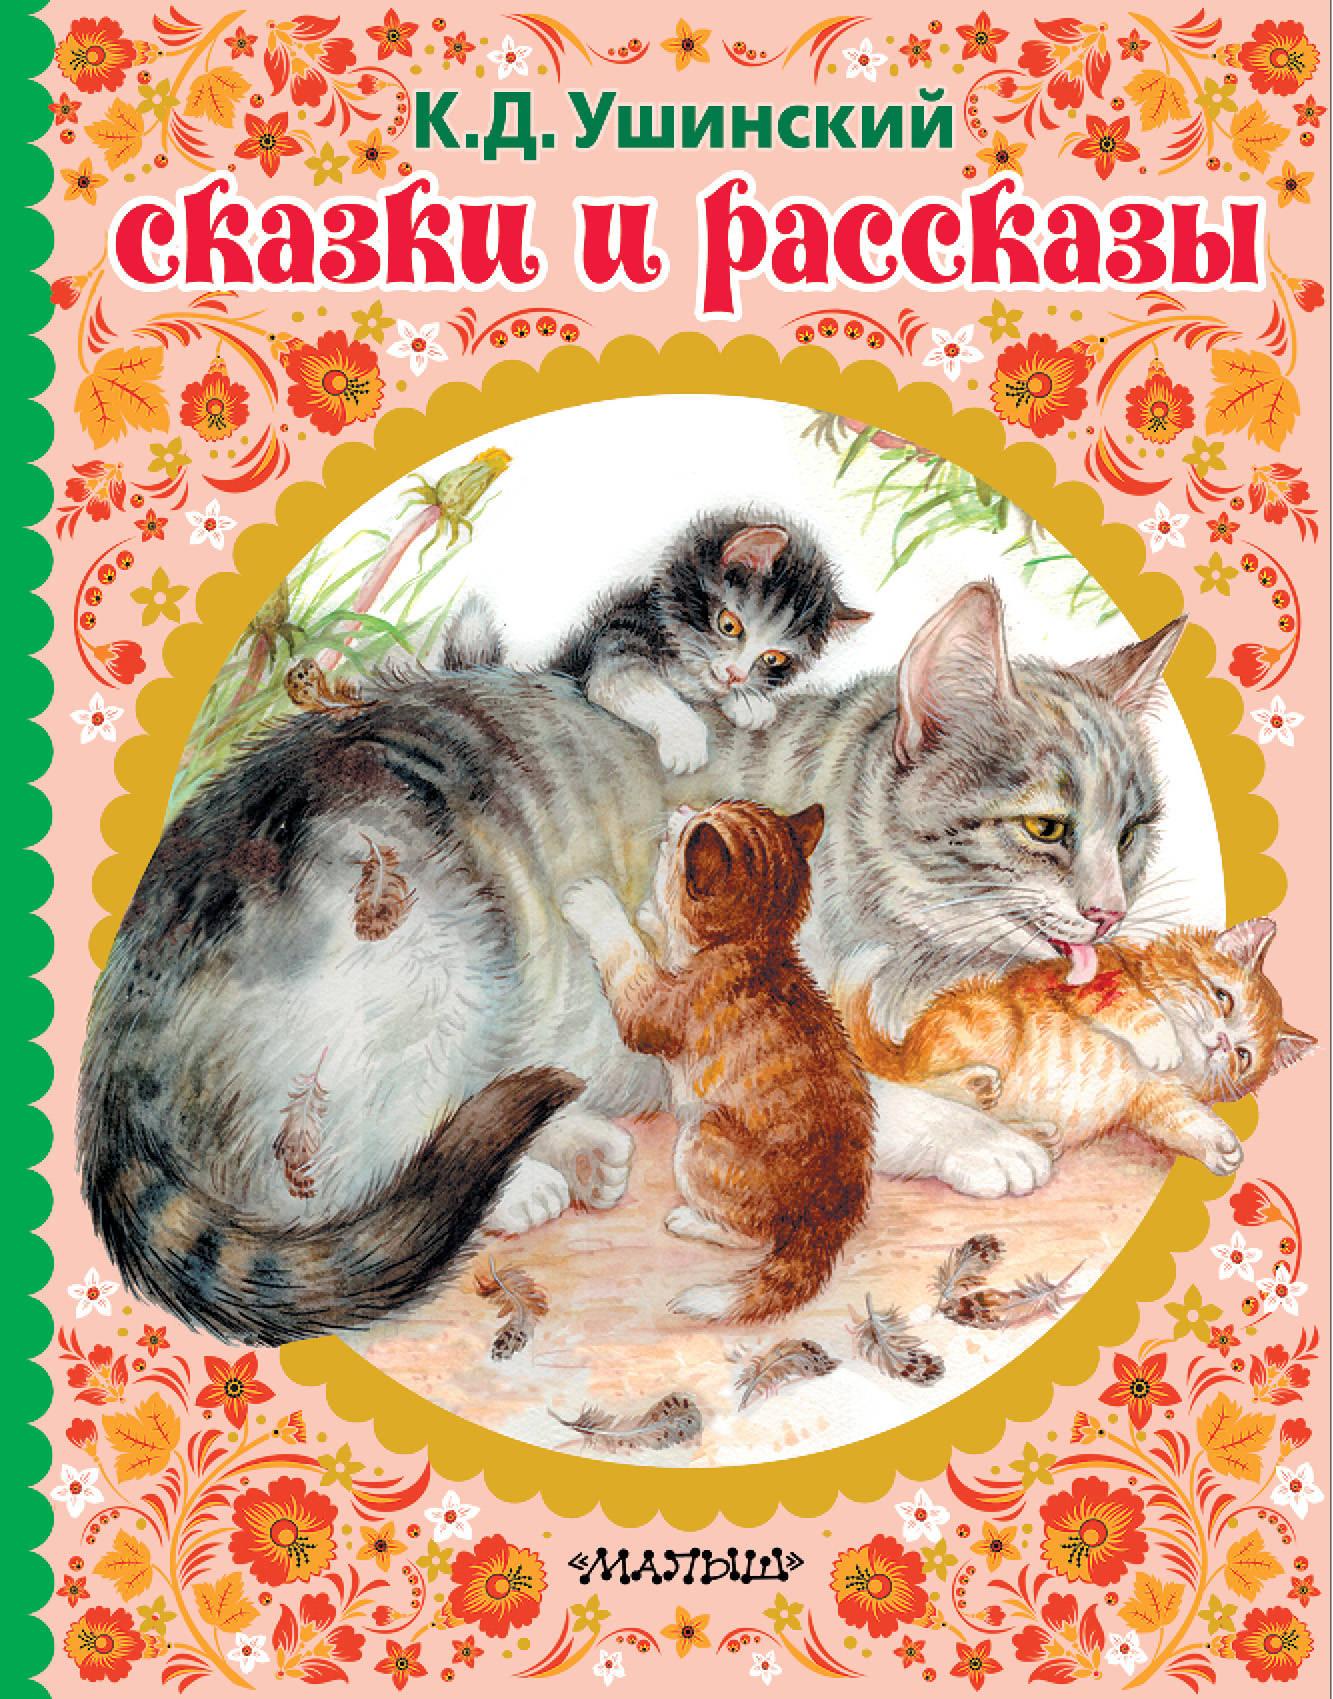 К. Д. Ушинский К. Д. Ушинский. Сказки и рассказы